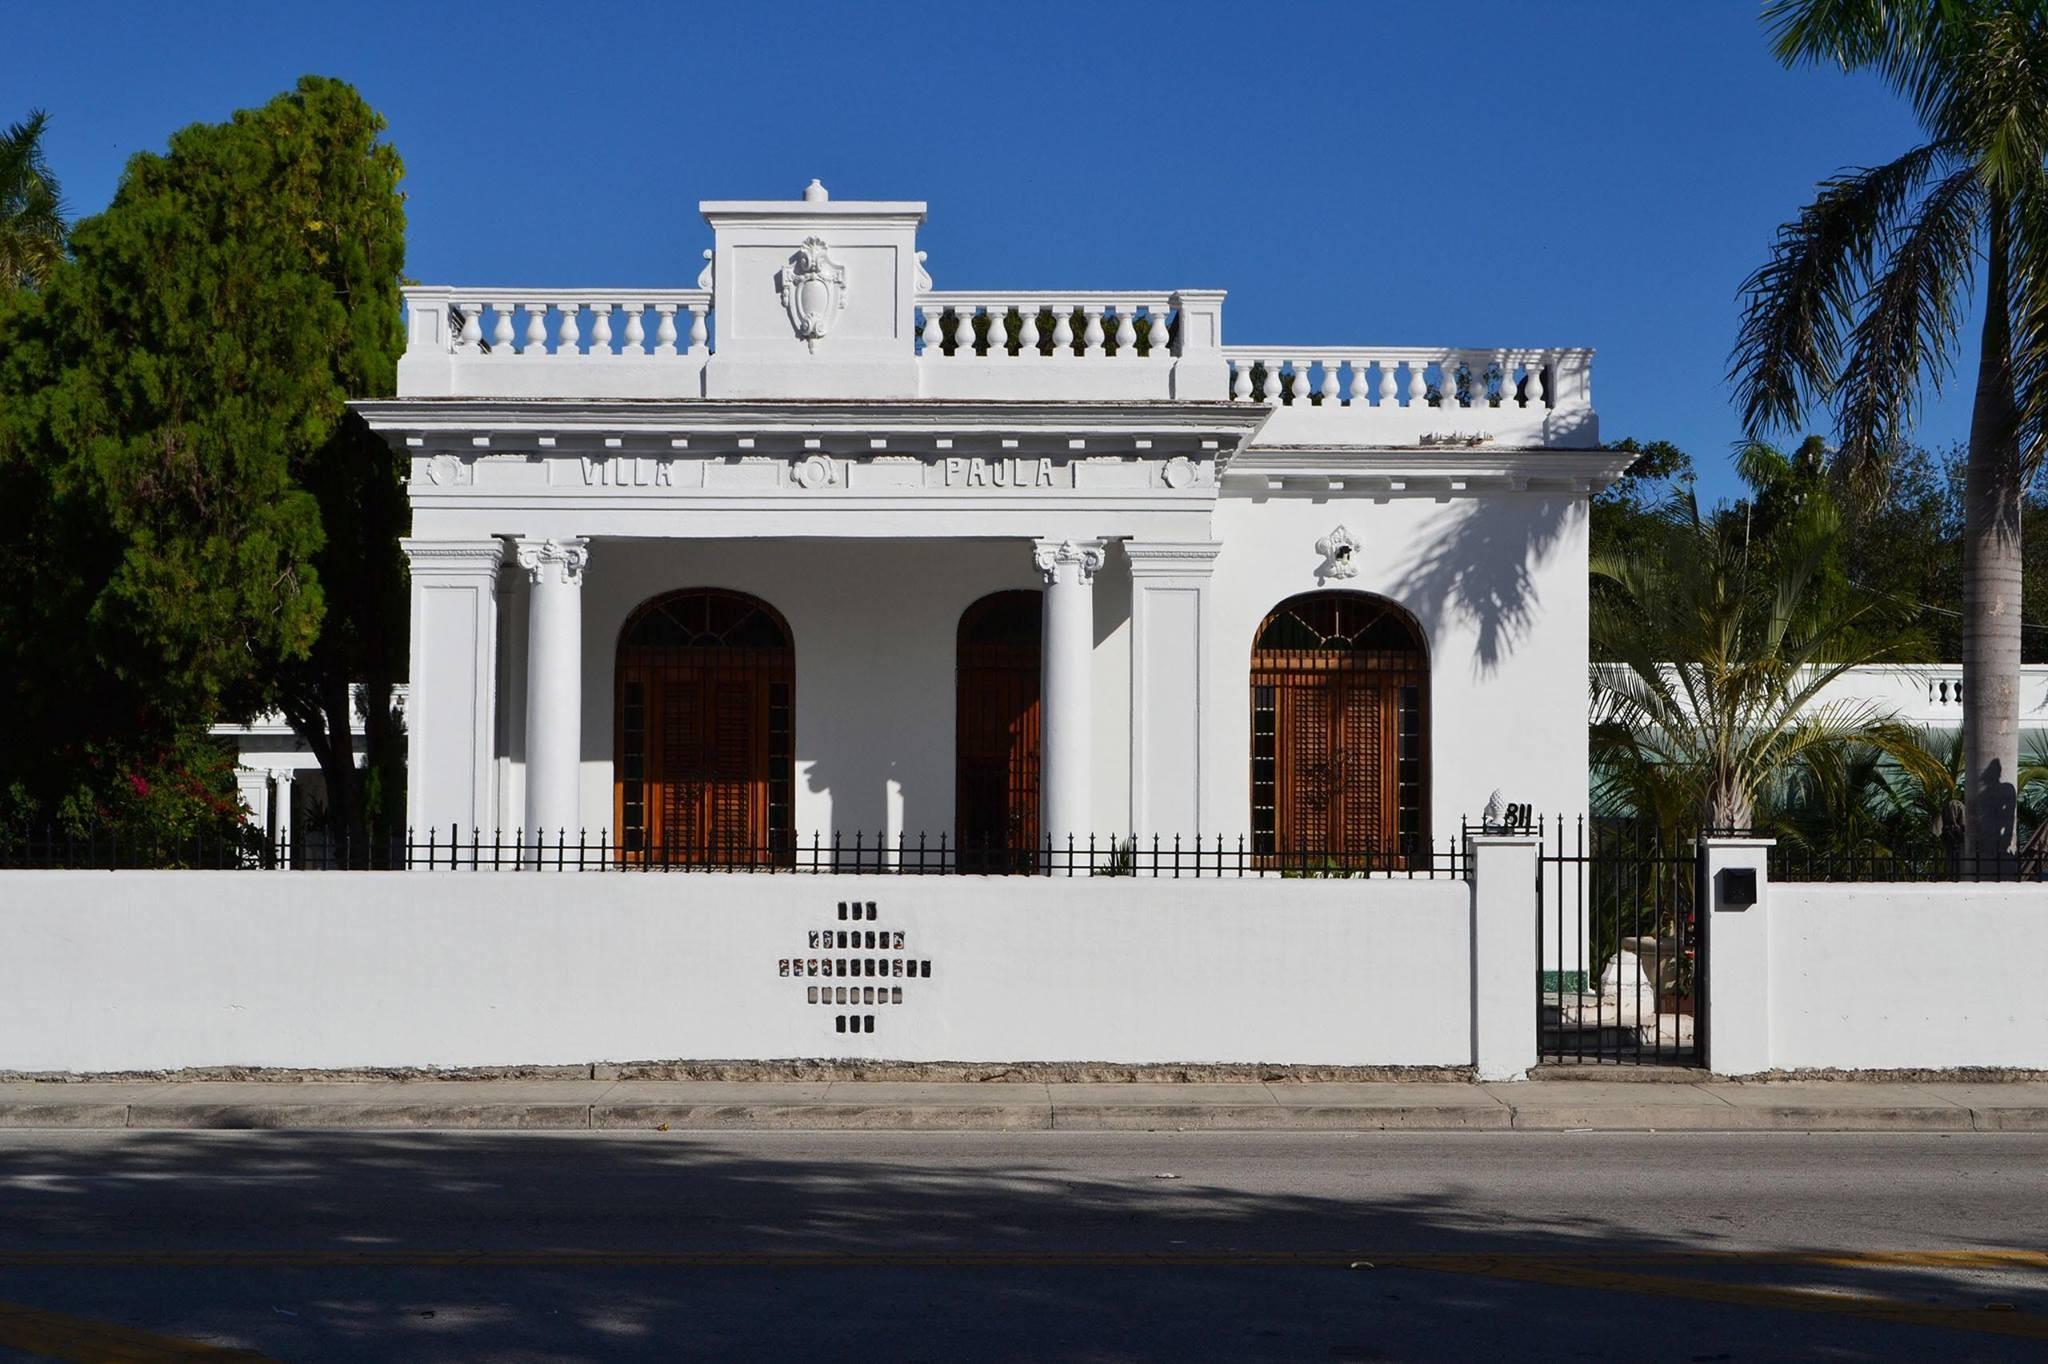 Villa Paula in Miami, Florida